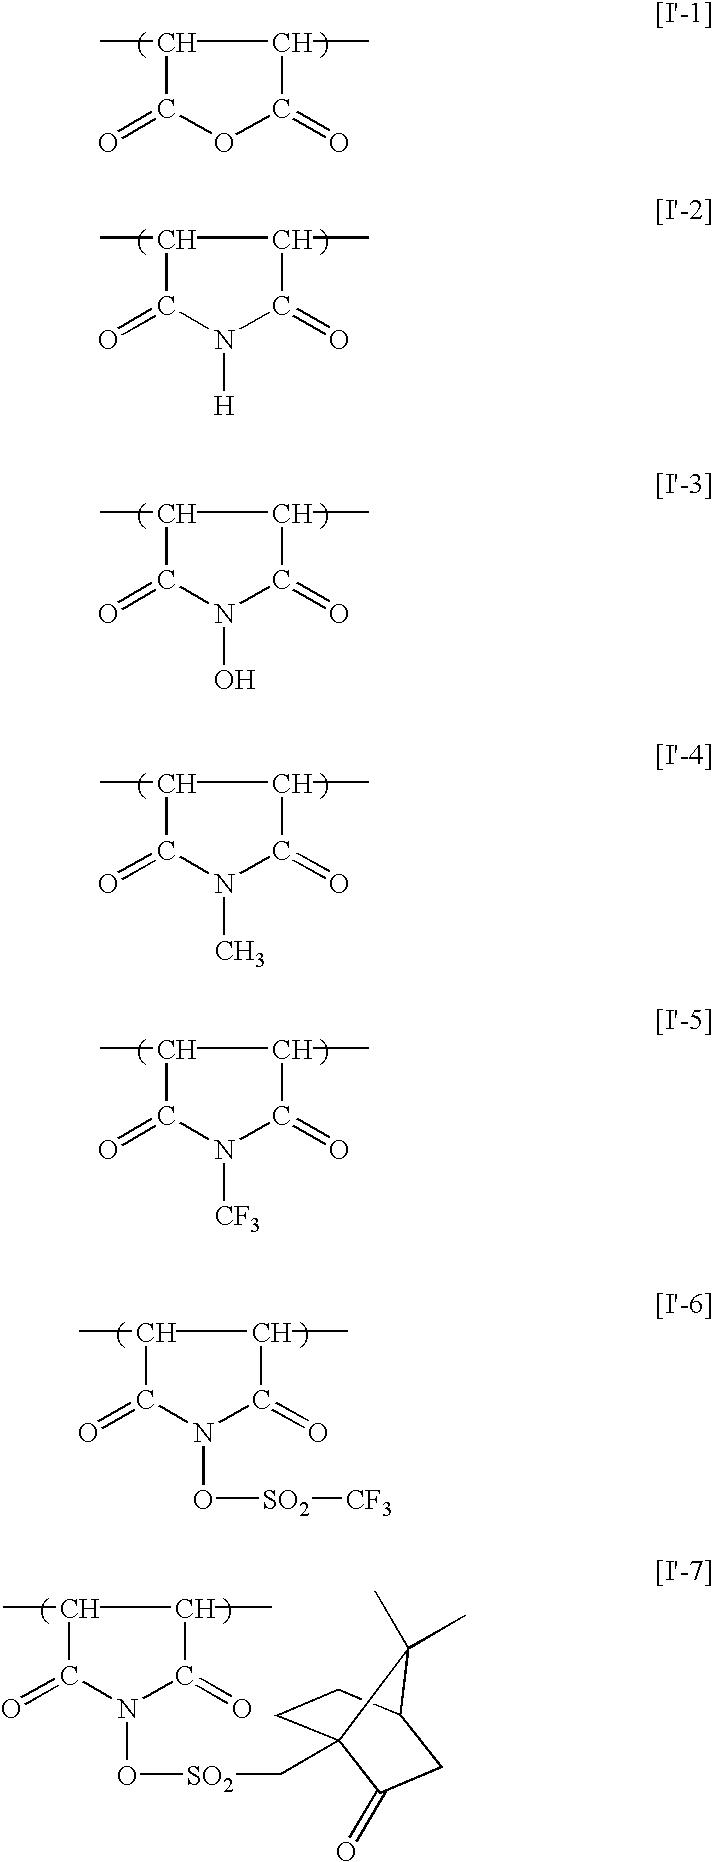 Figure US06492091-20021210-C00073